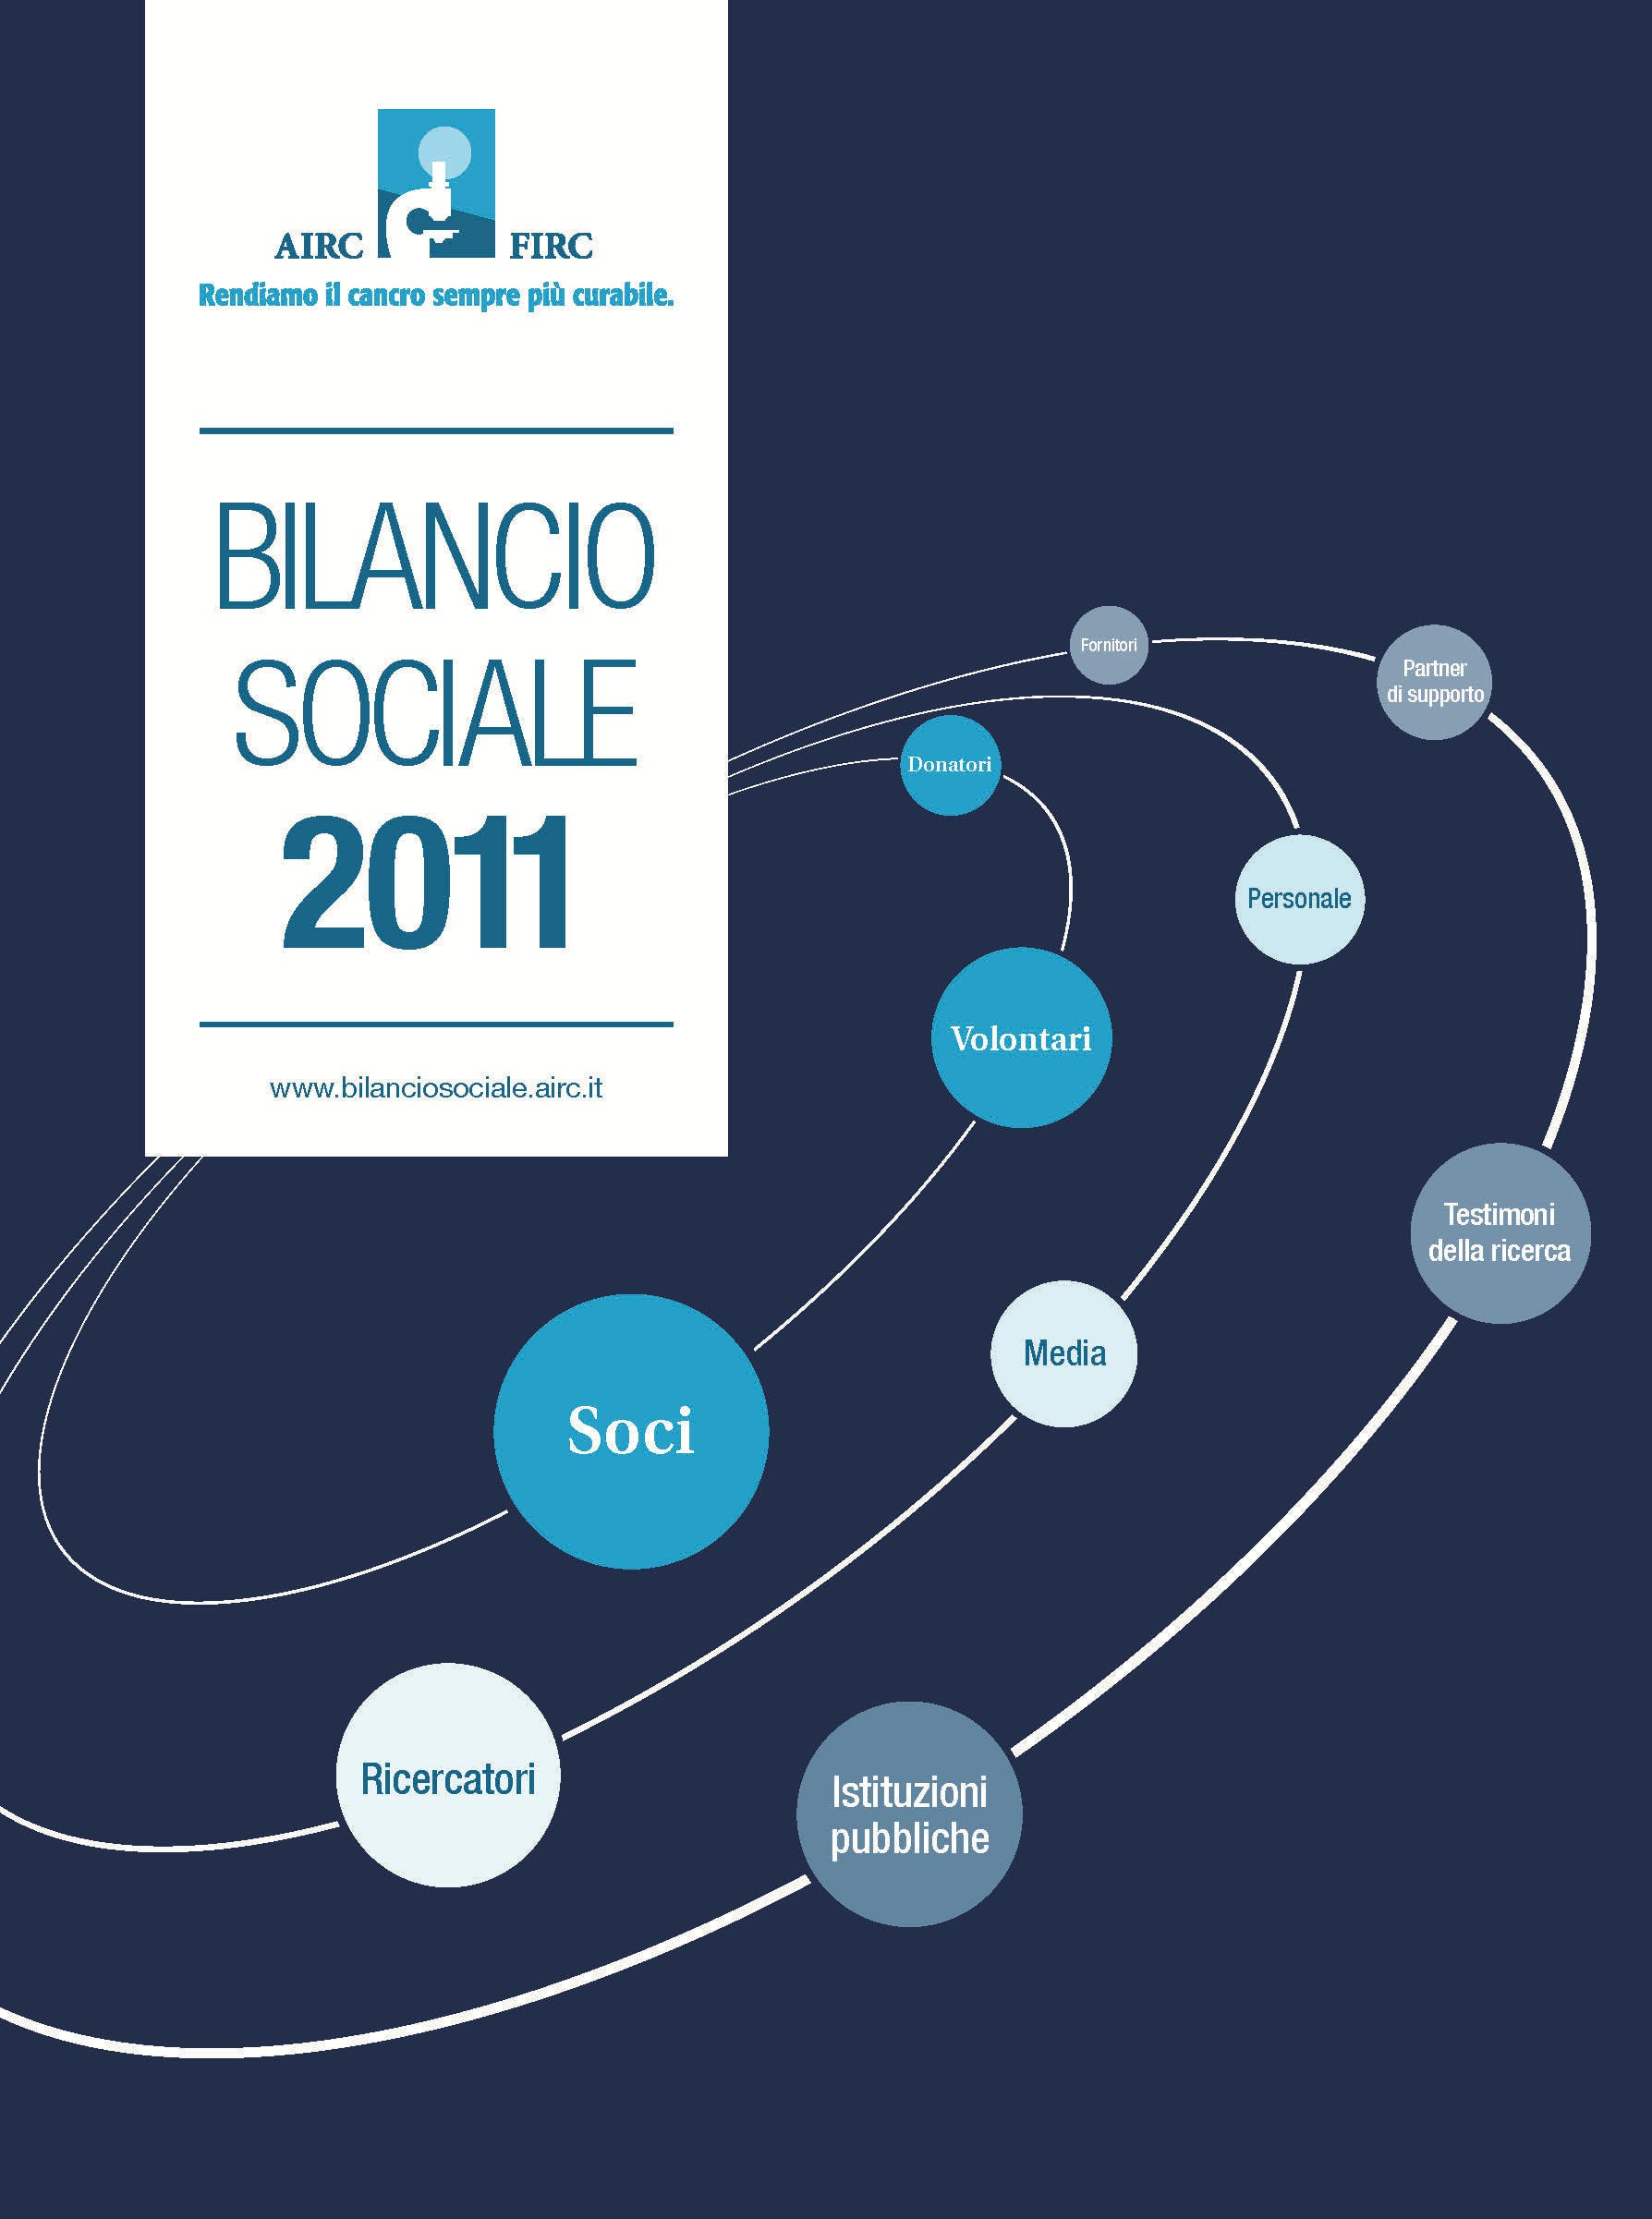 bilancio sociale AIRC 2011